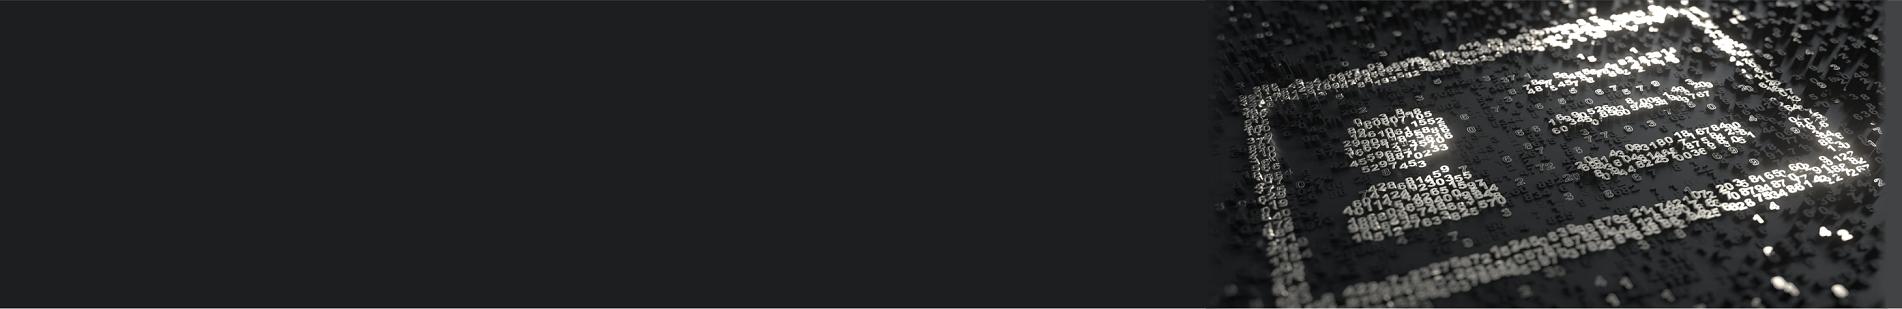 Data Masking white paper - Website Banner